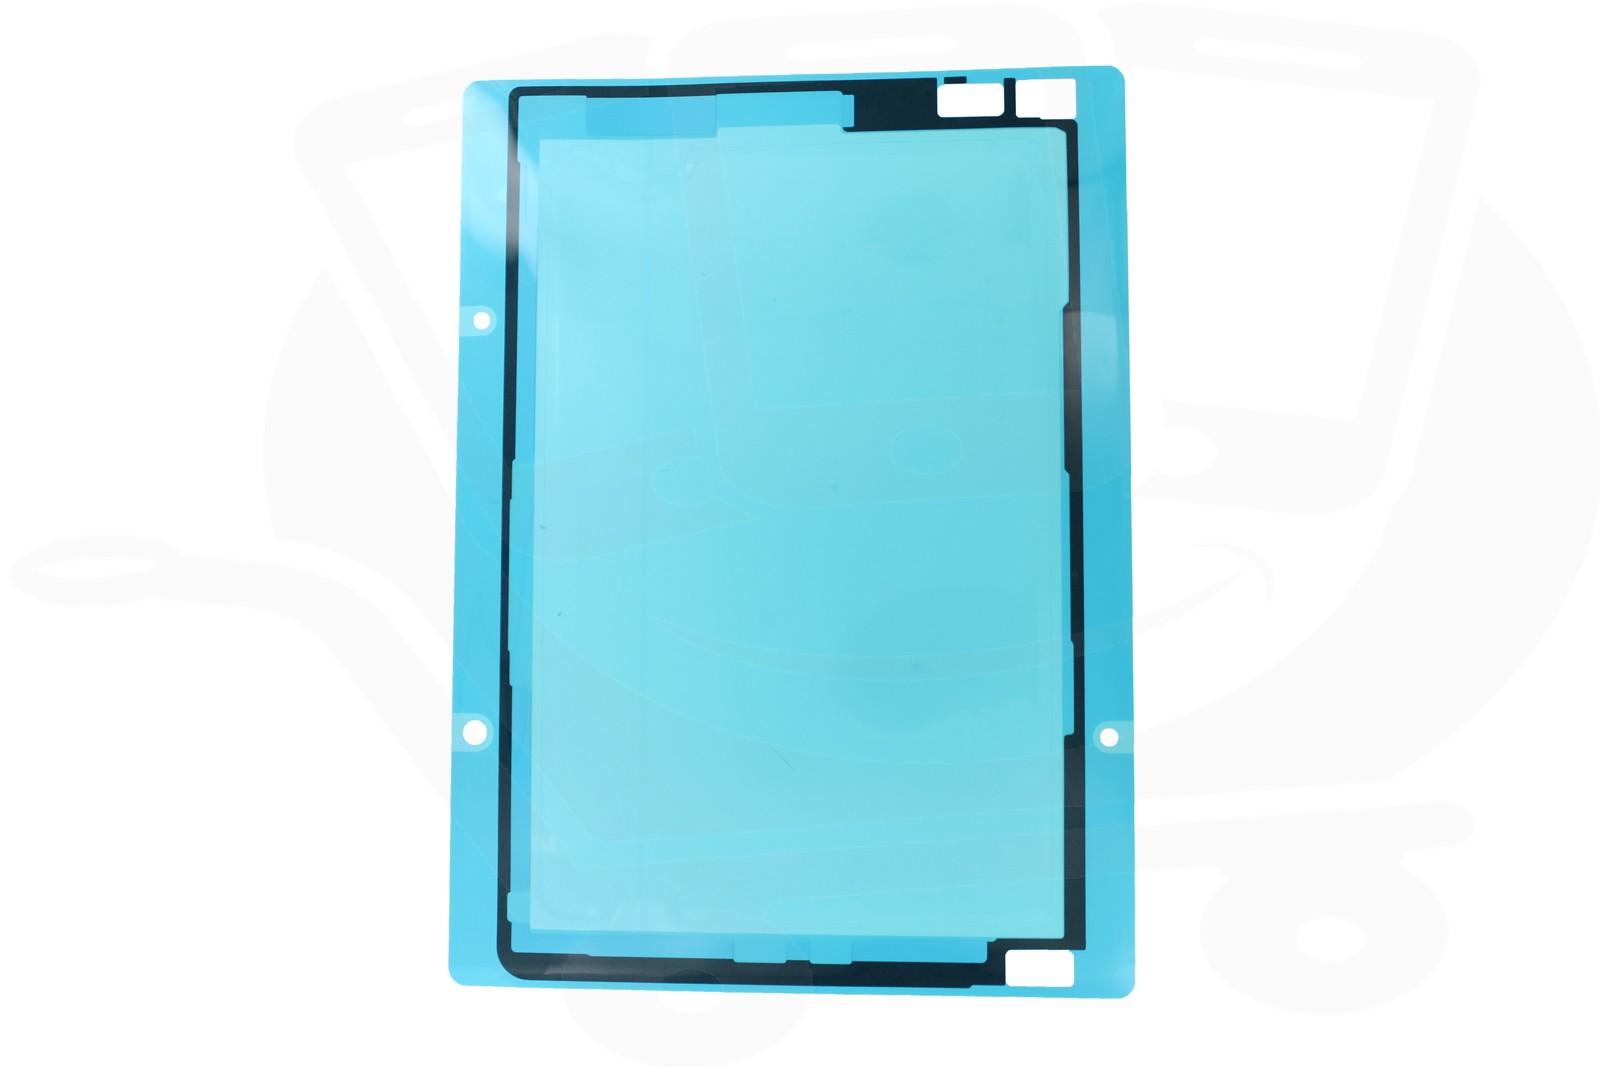 genuine sony tablet xperia z2 sgp511 sgp512 sgp521. Black Bedroom Furniture Sets. Home Design Ideas